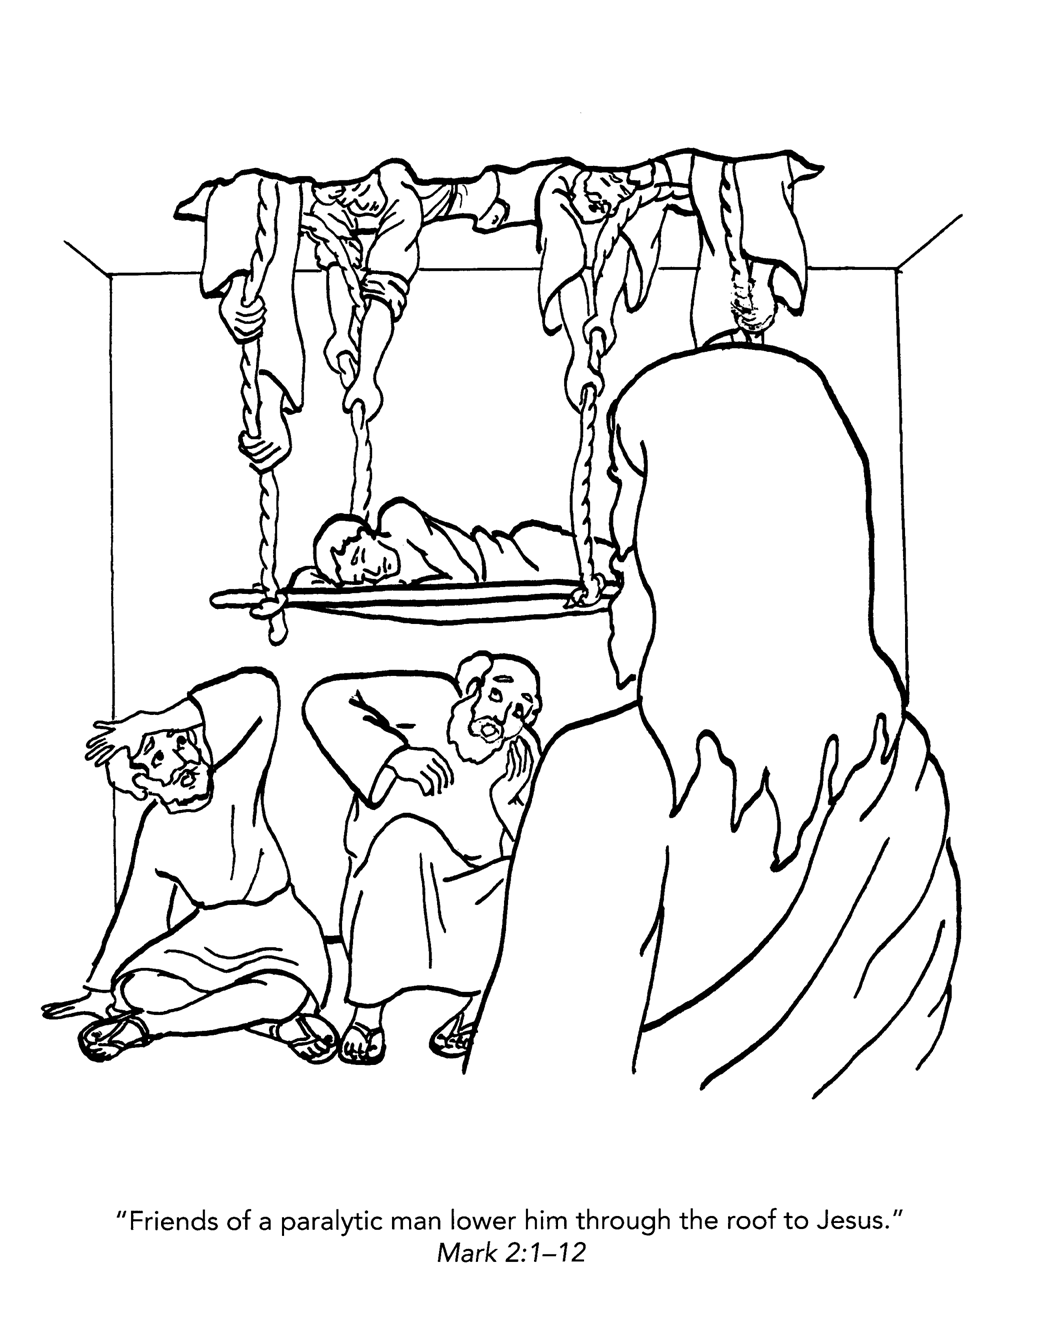 Familia Católica: Páginas para Colorear sobre el Evangelio según San ...